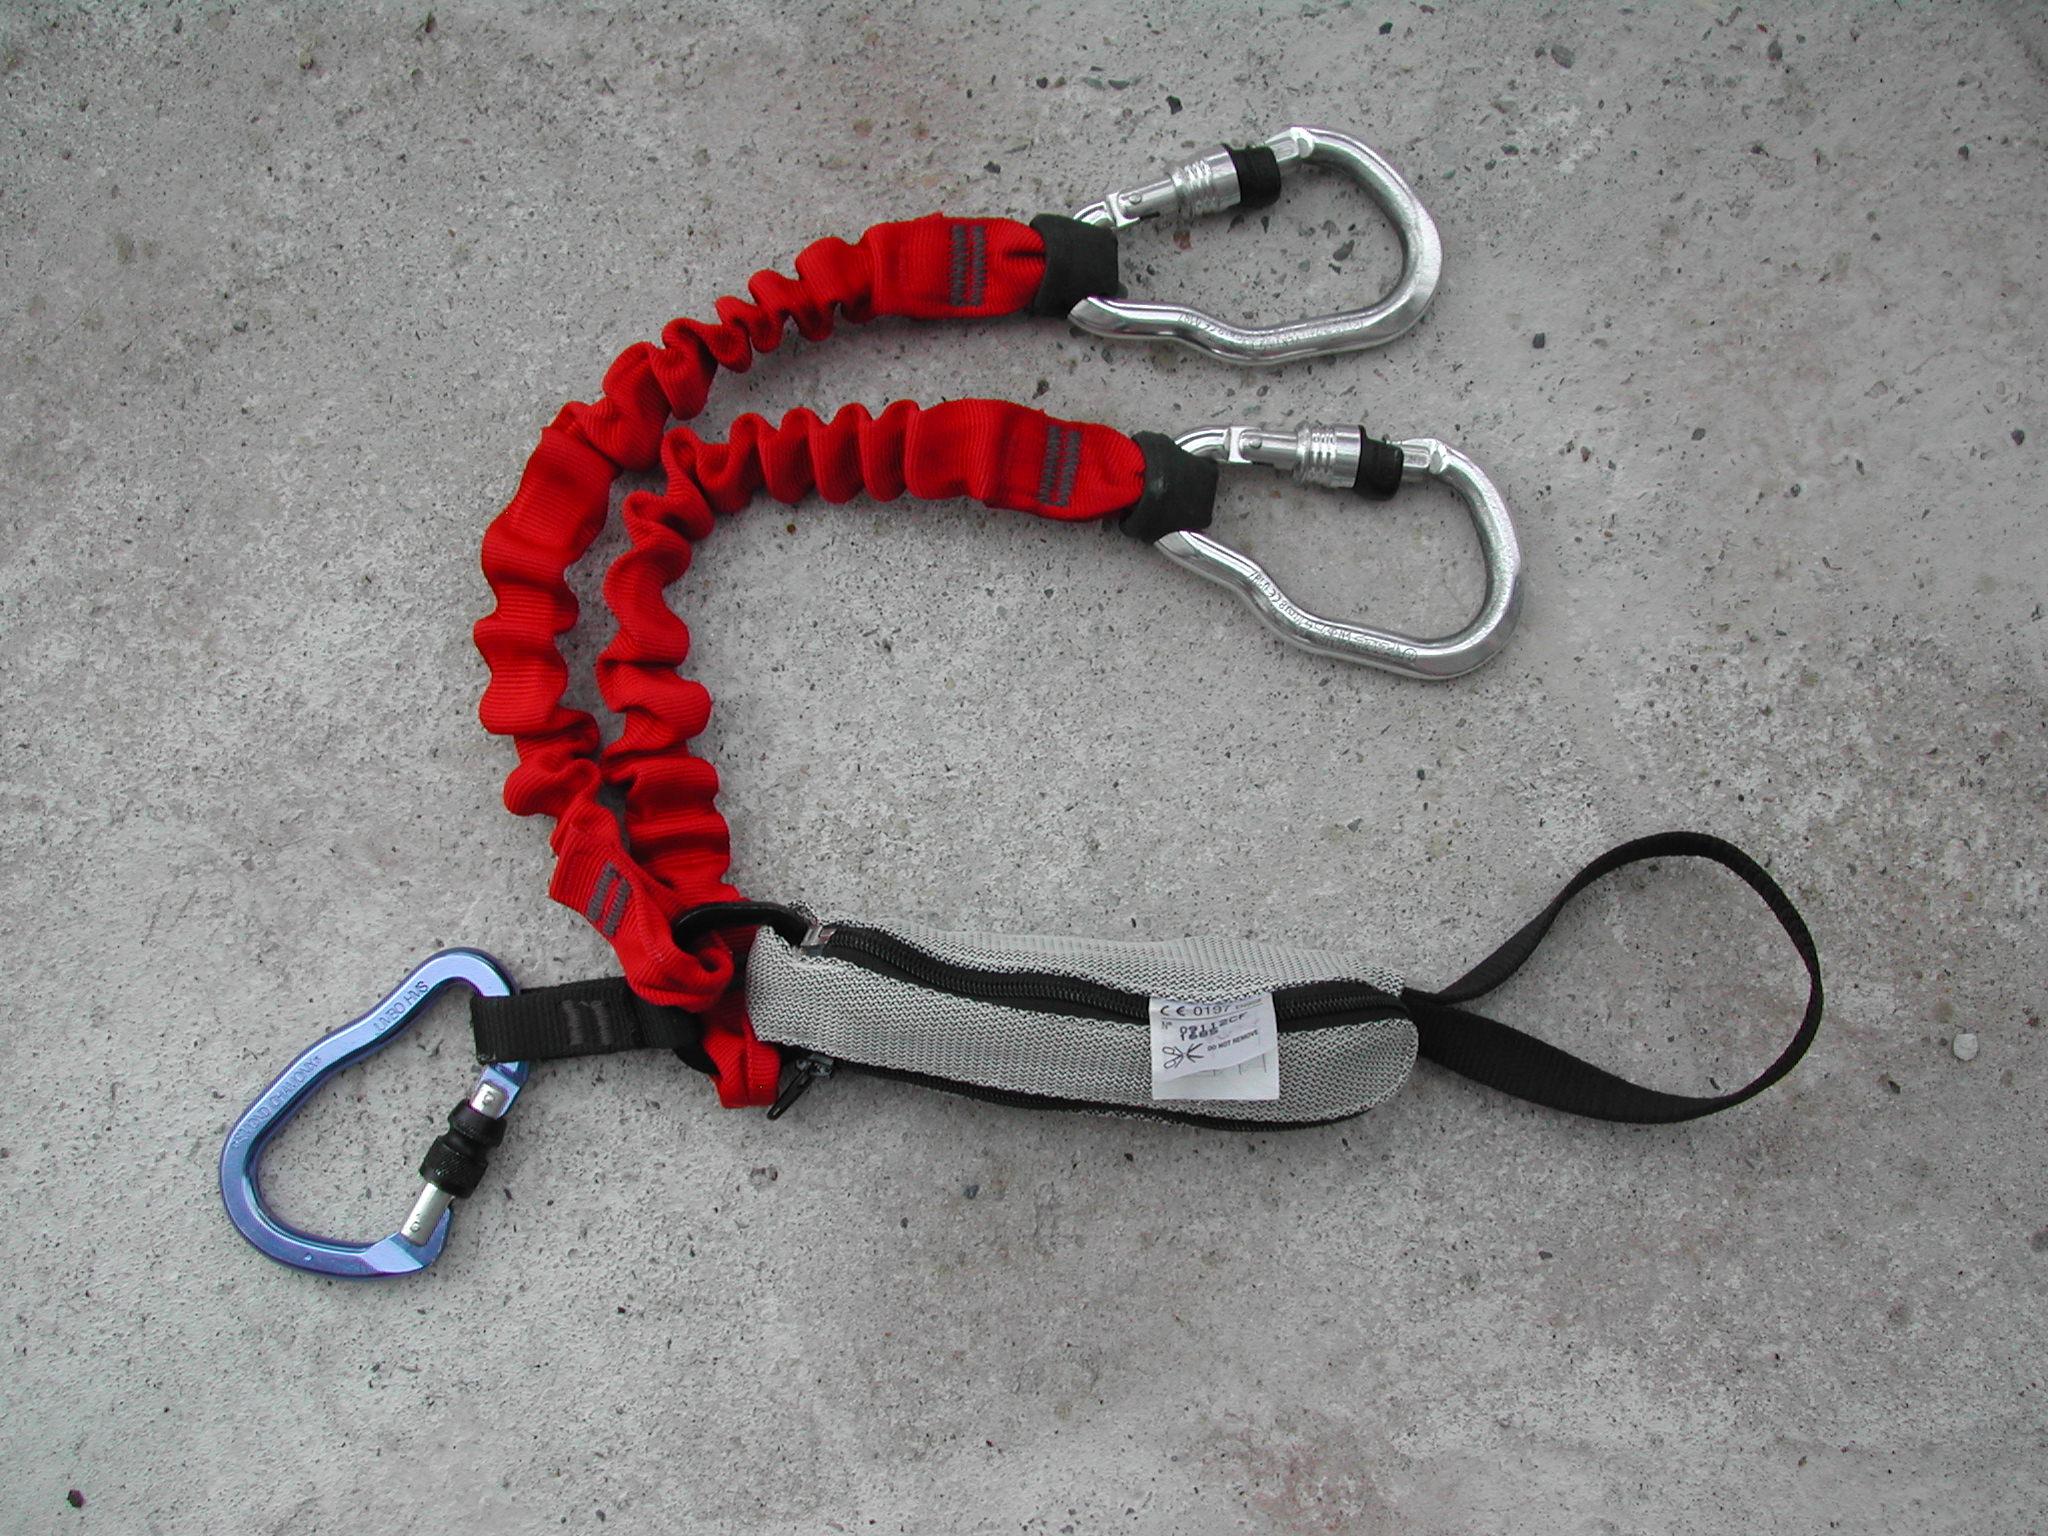 Klettergurt Ausrüstung : Klettergurt rock empire akatta zum sportklettern